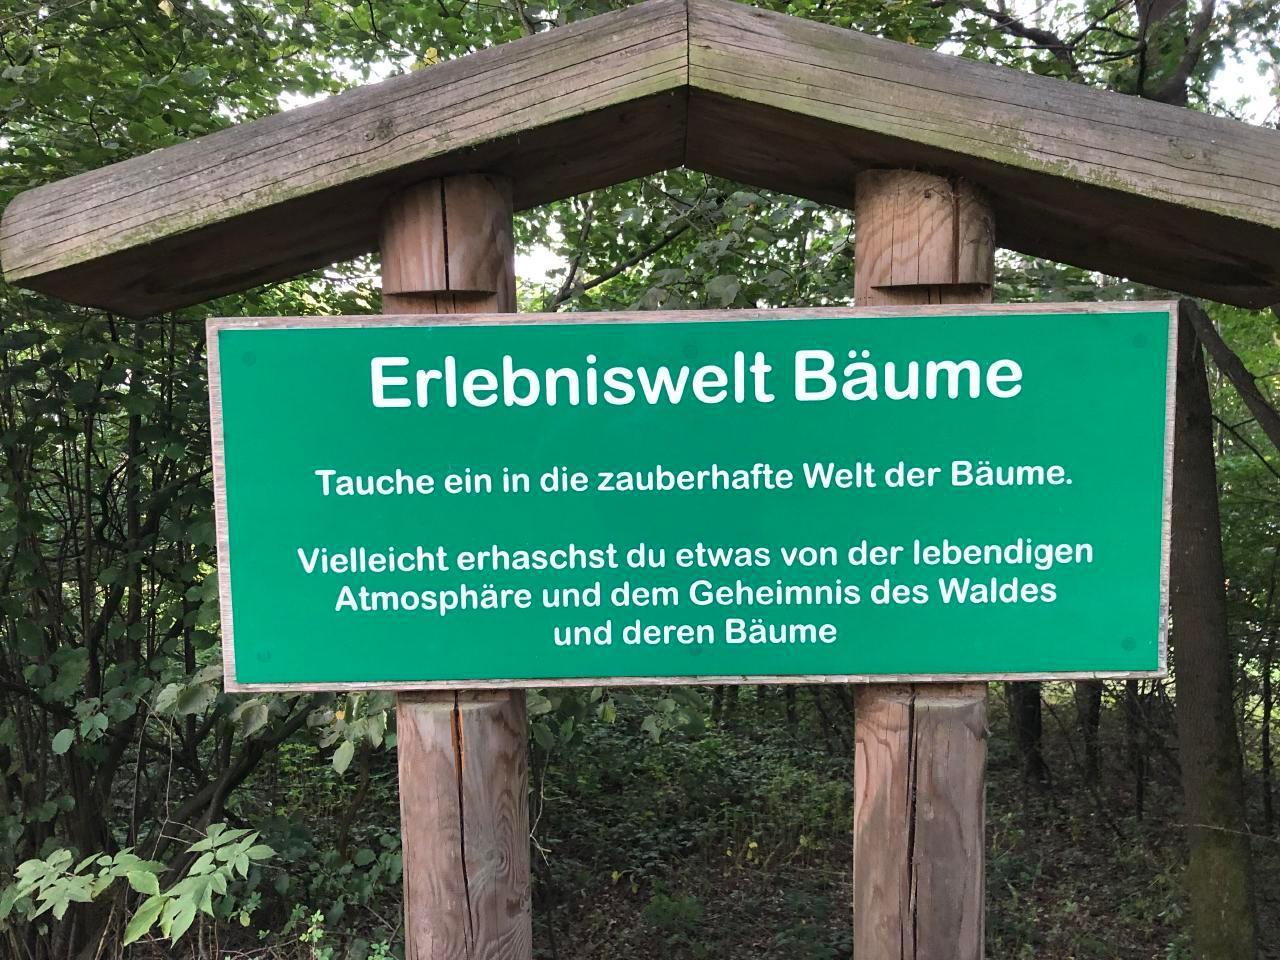 Ferienhaus am Kellerberg - mit  grossen Garten und herrlicher Aussicht, Kaminofen, Haustiere willkomm (337961), Zandt, Bayerischer Wald, Bayern, Deutschland, Bild 24